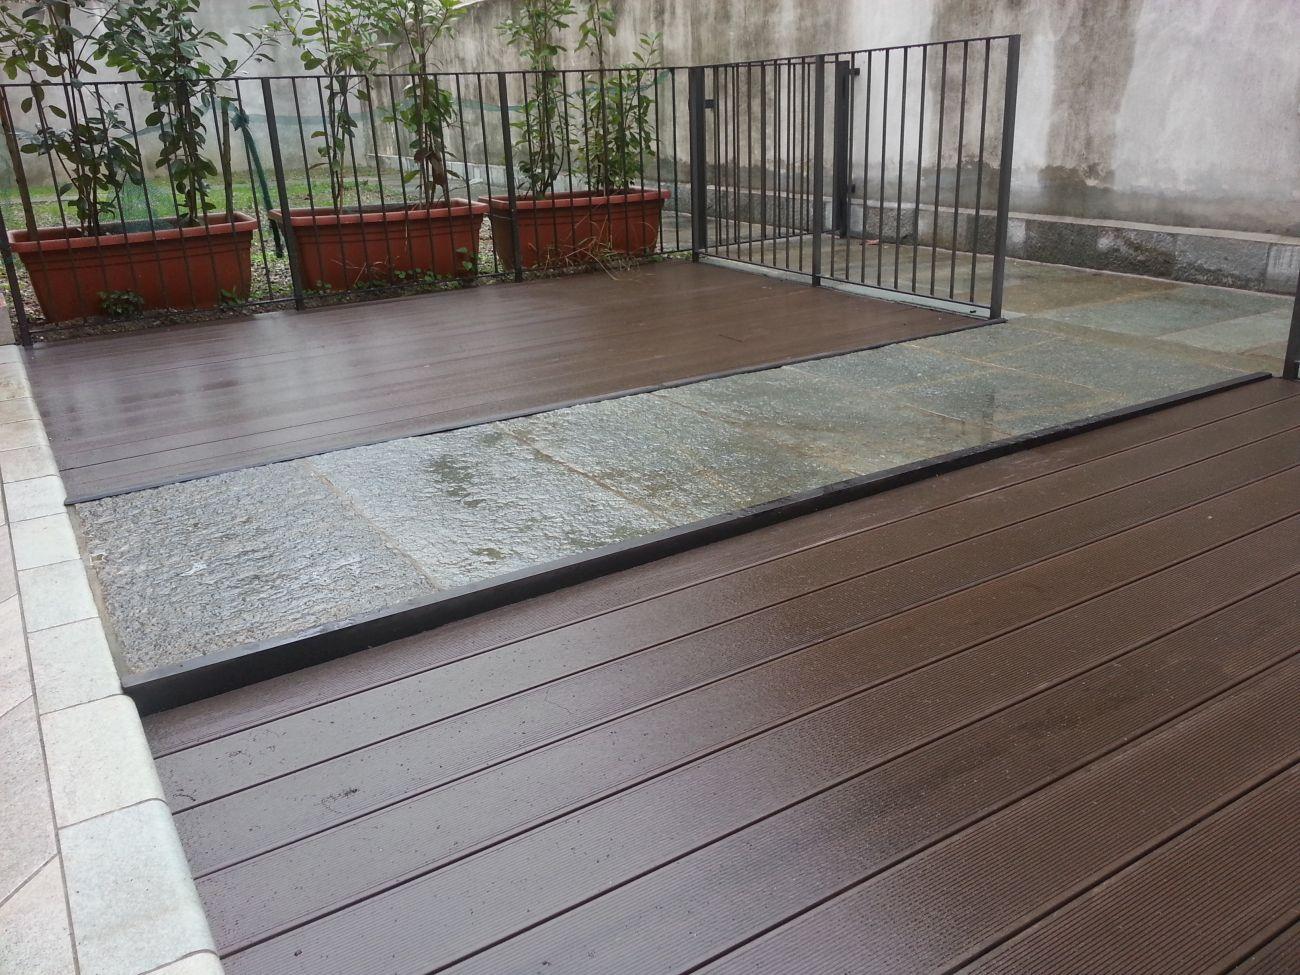 Terrazze in legno da esterno posa pavimenti in legno per esterni by fracaros with terrazze in - Pavimenti per esterno offerte ...